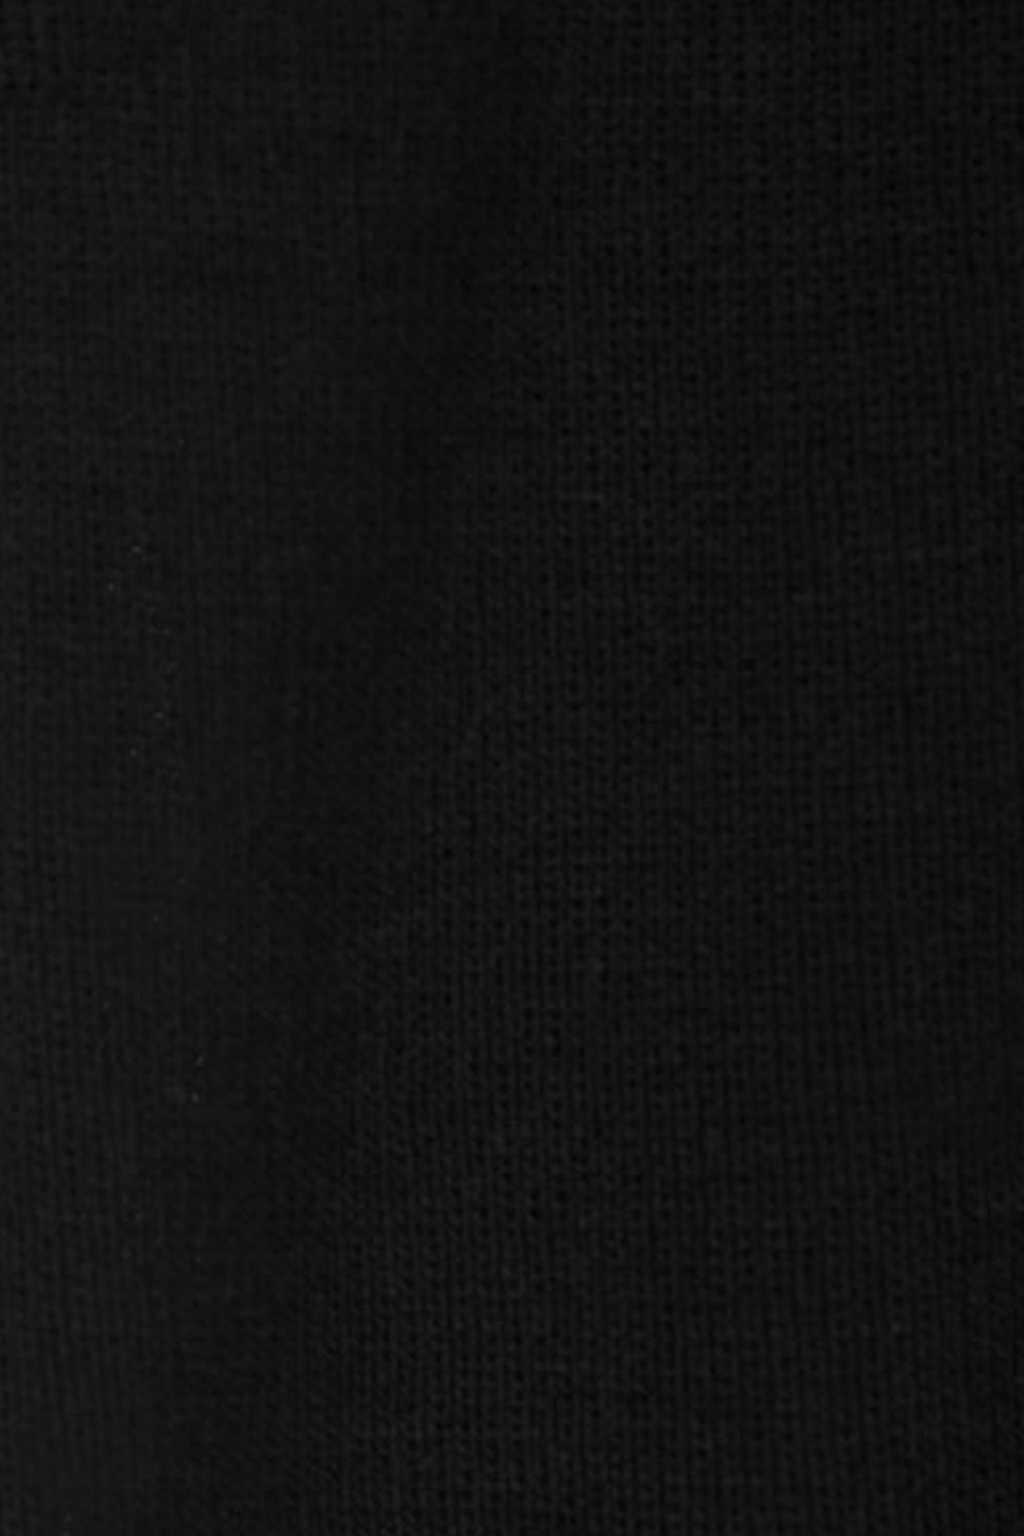 TShirt H273 Black 8